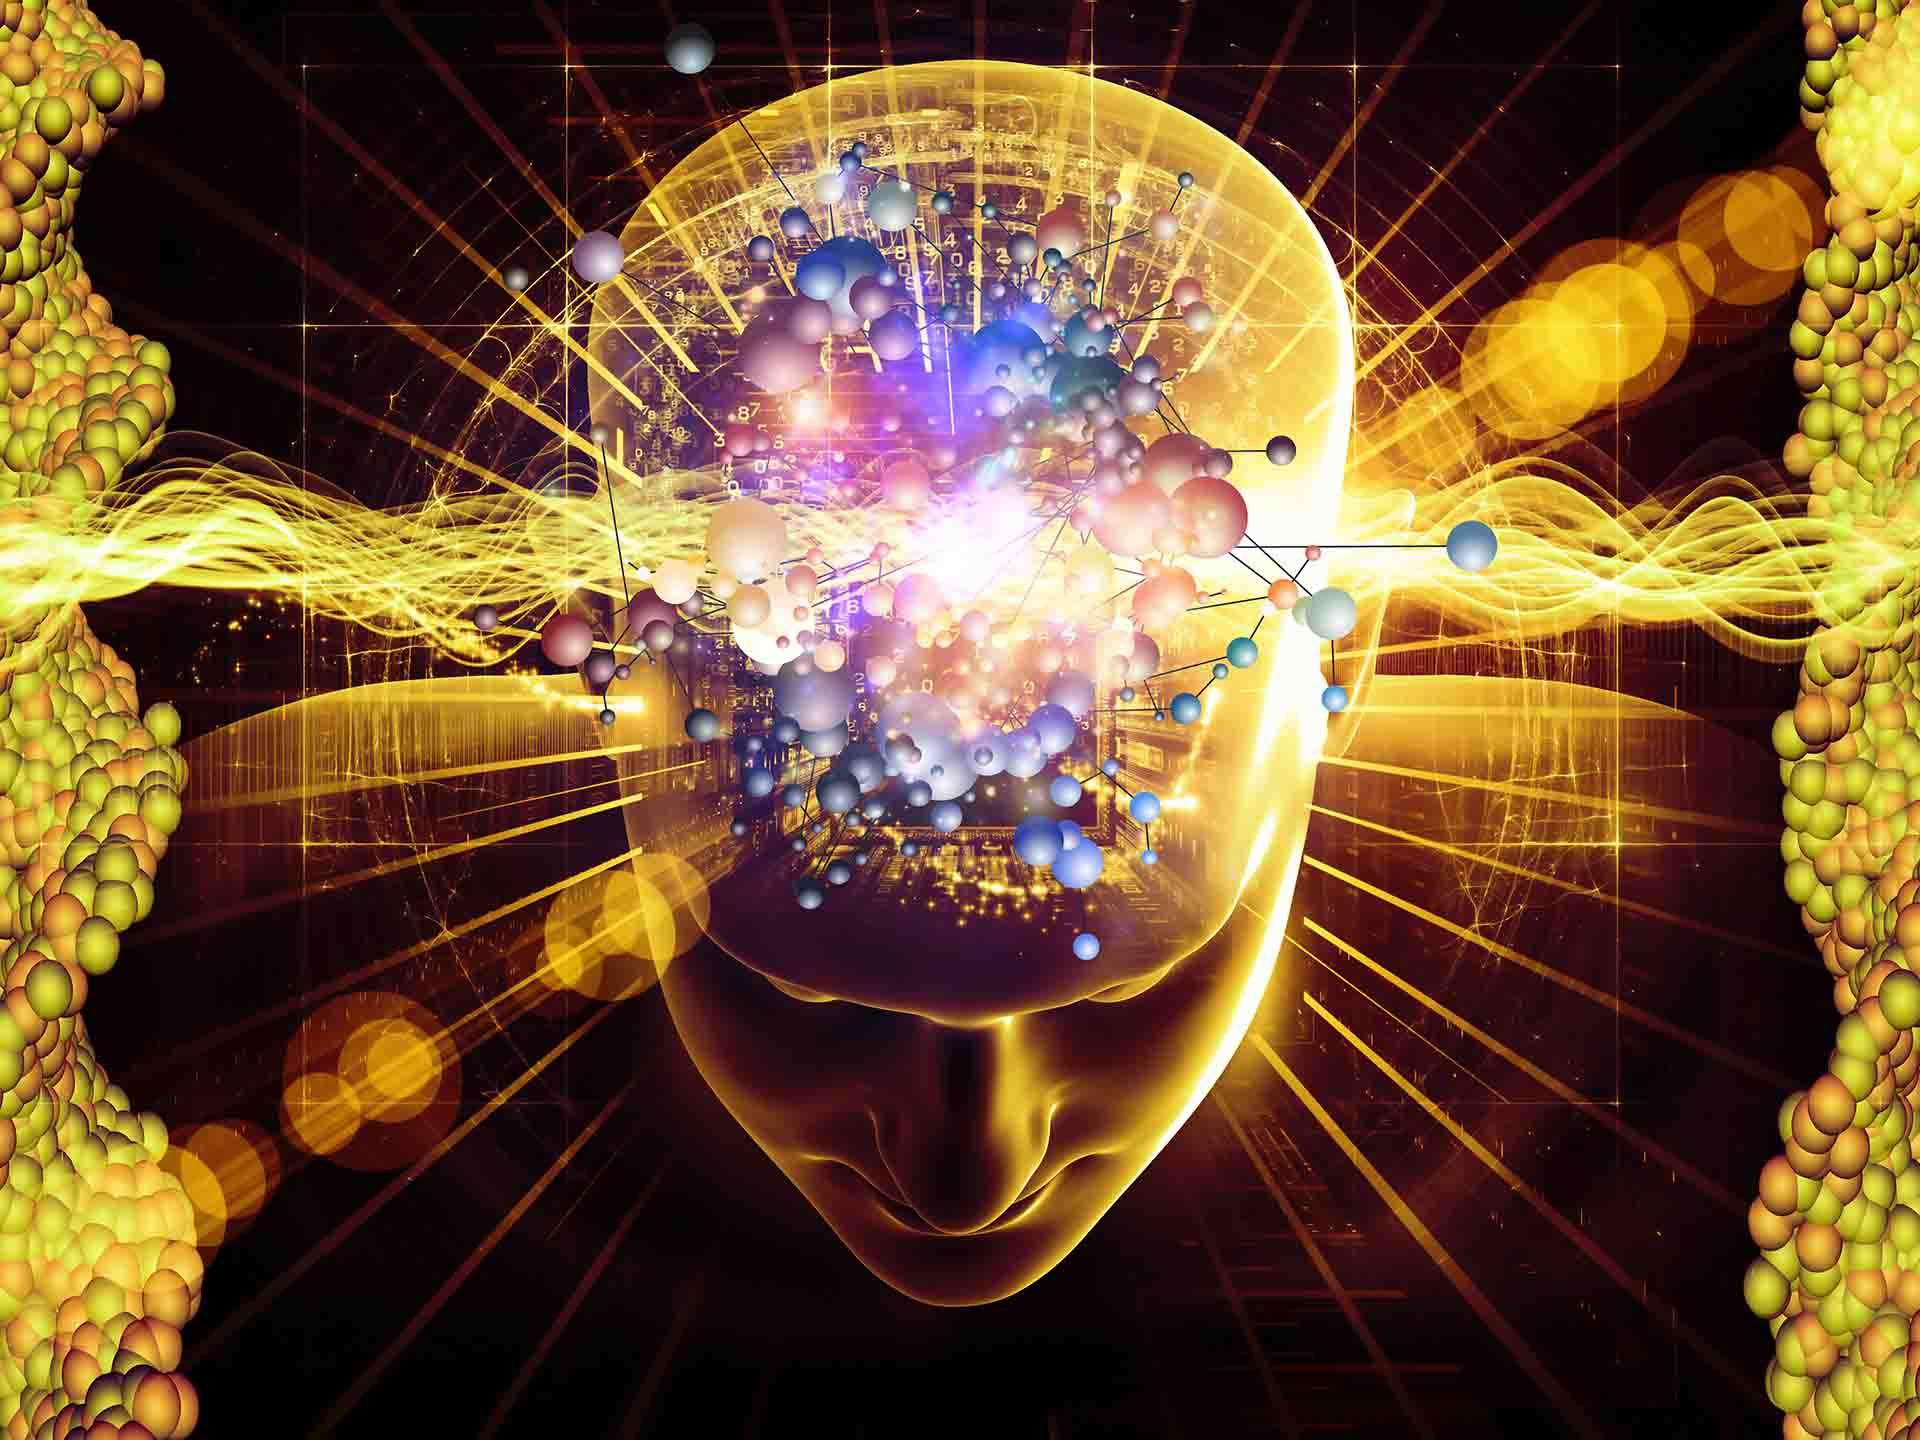 Вебинар: Теория научного достижения счастья: Квадрант нейробиологии счастья